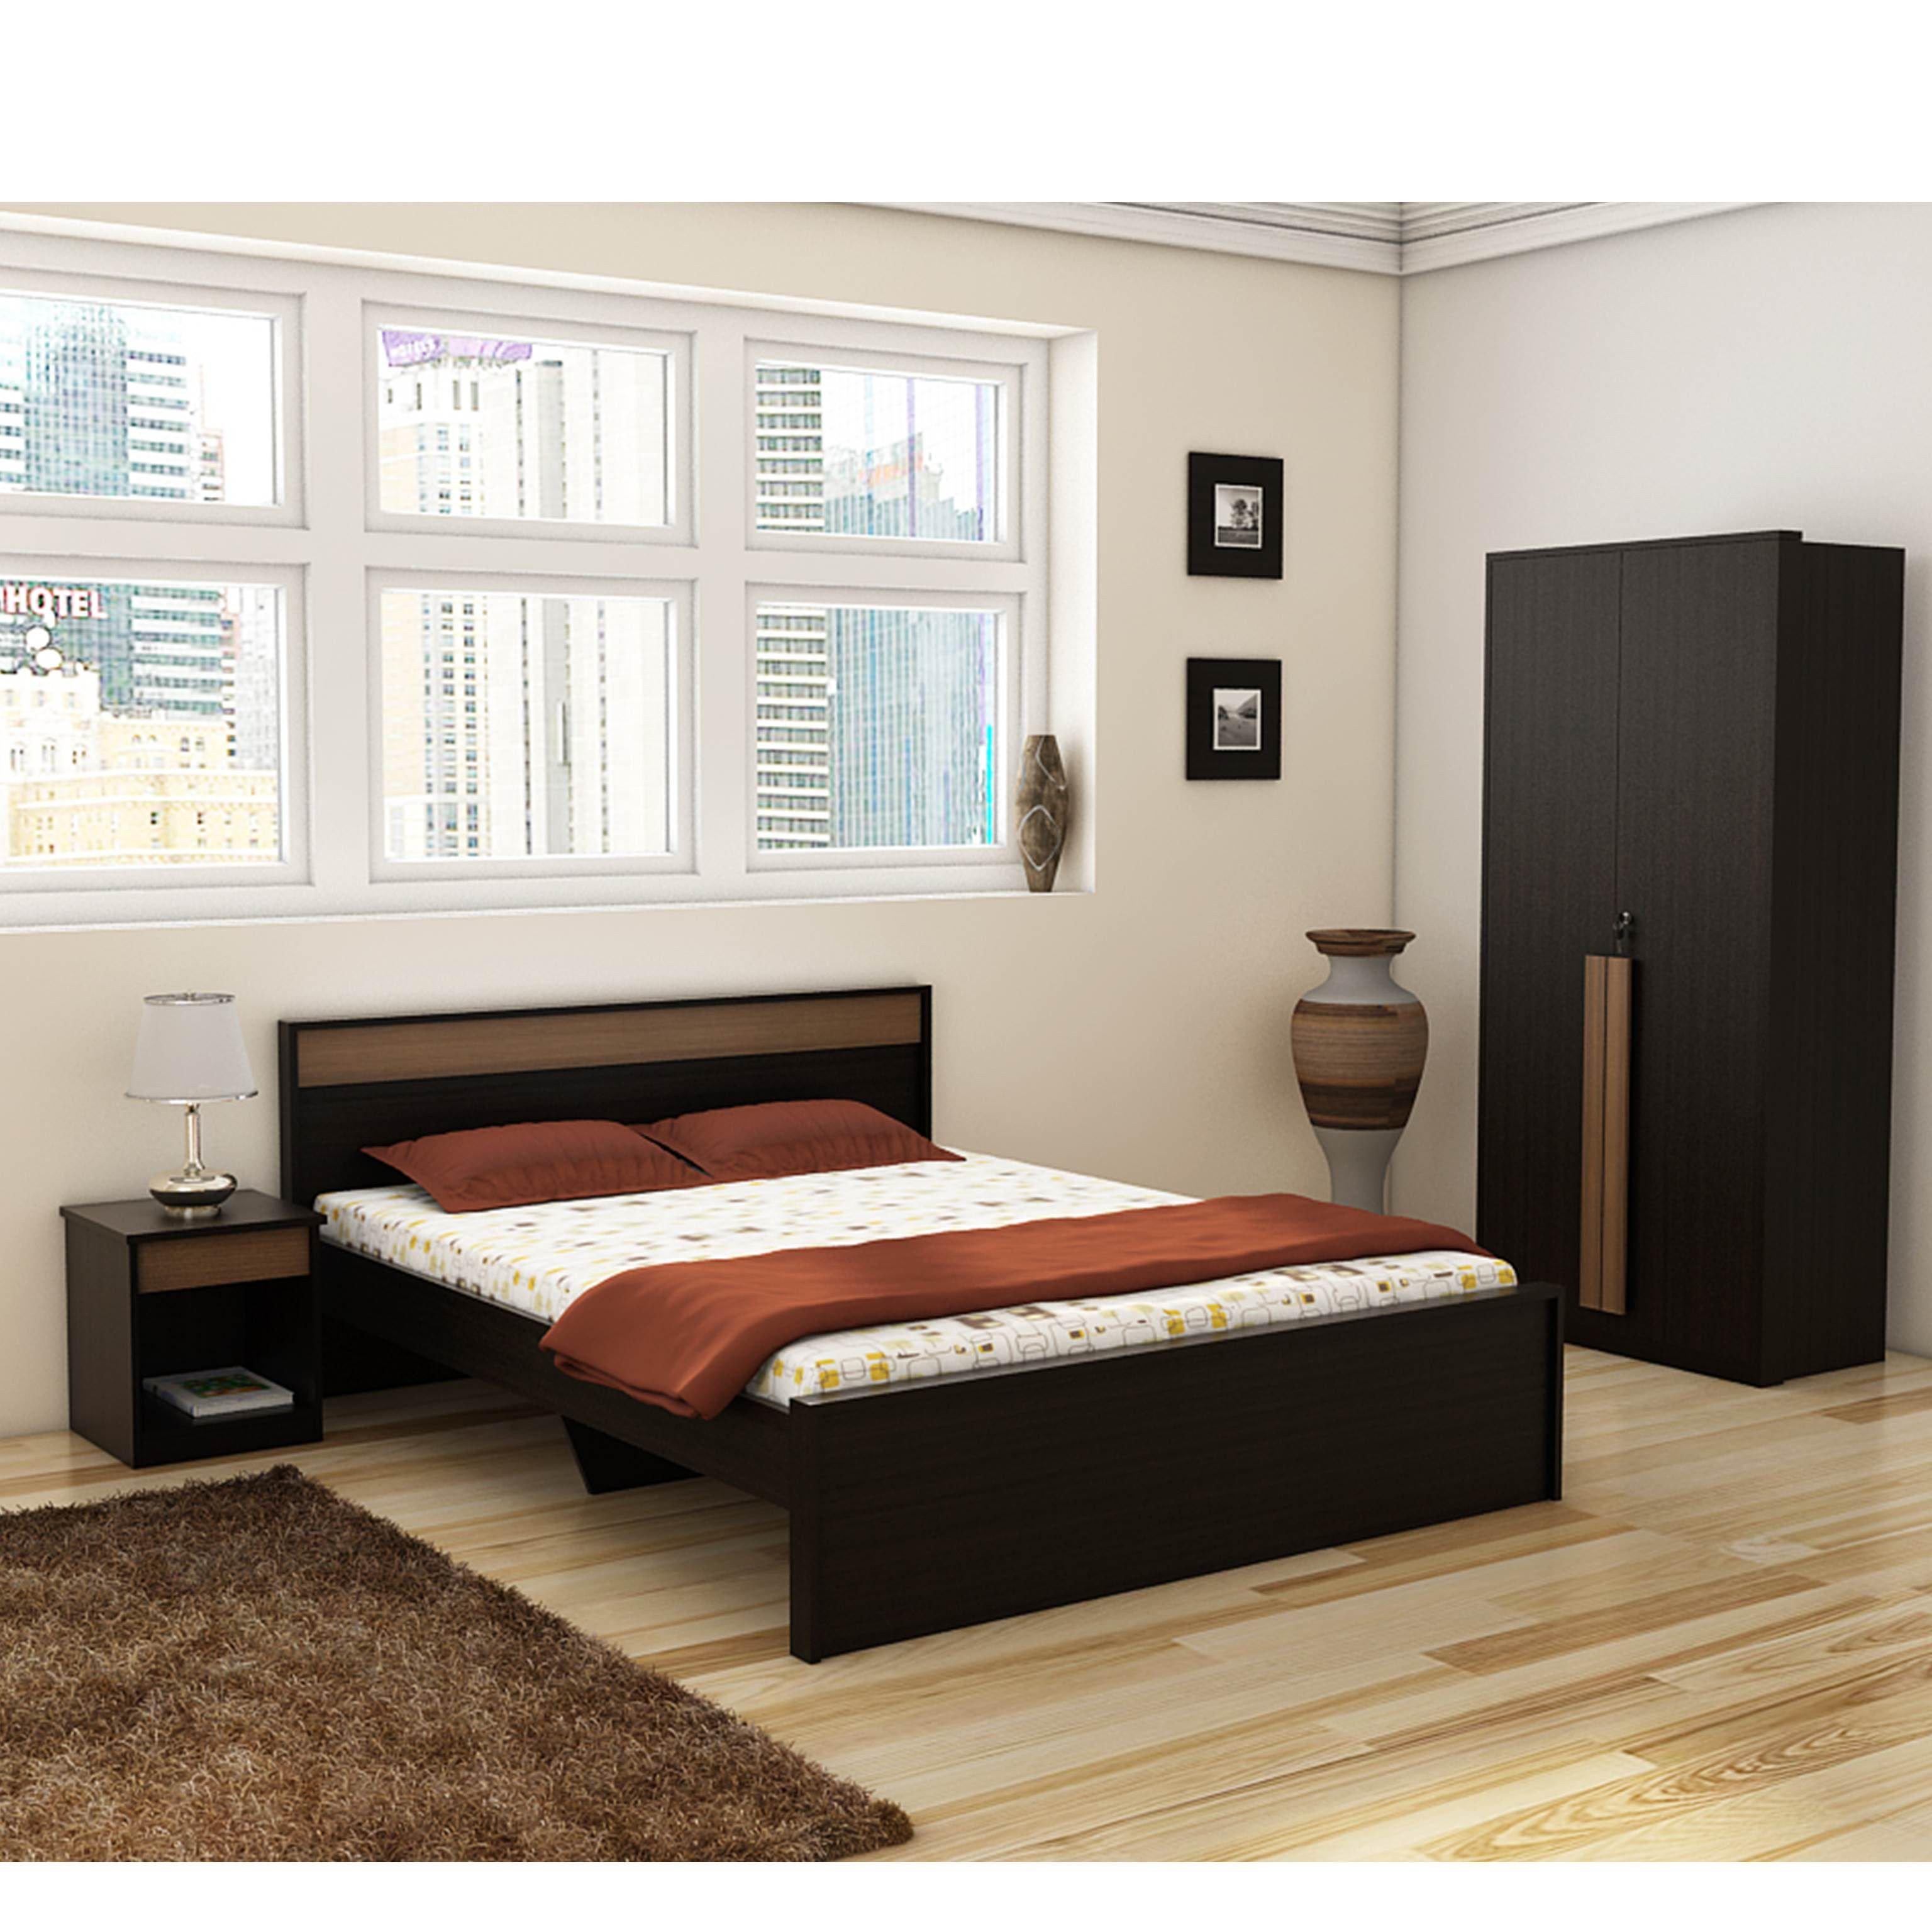 Queen Size Bedroom Suit Luxury Spacewood Ace Bedroom Set Queen Bed 2 Door Wardrobe